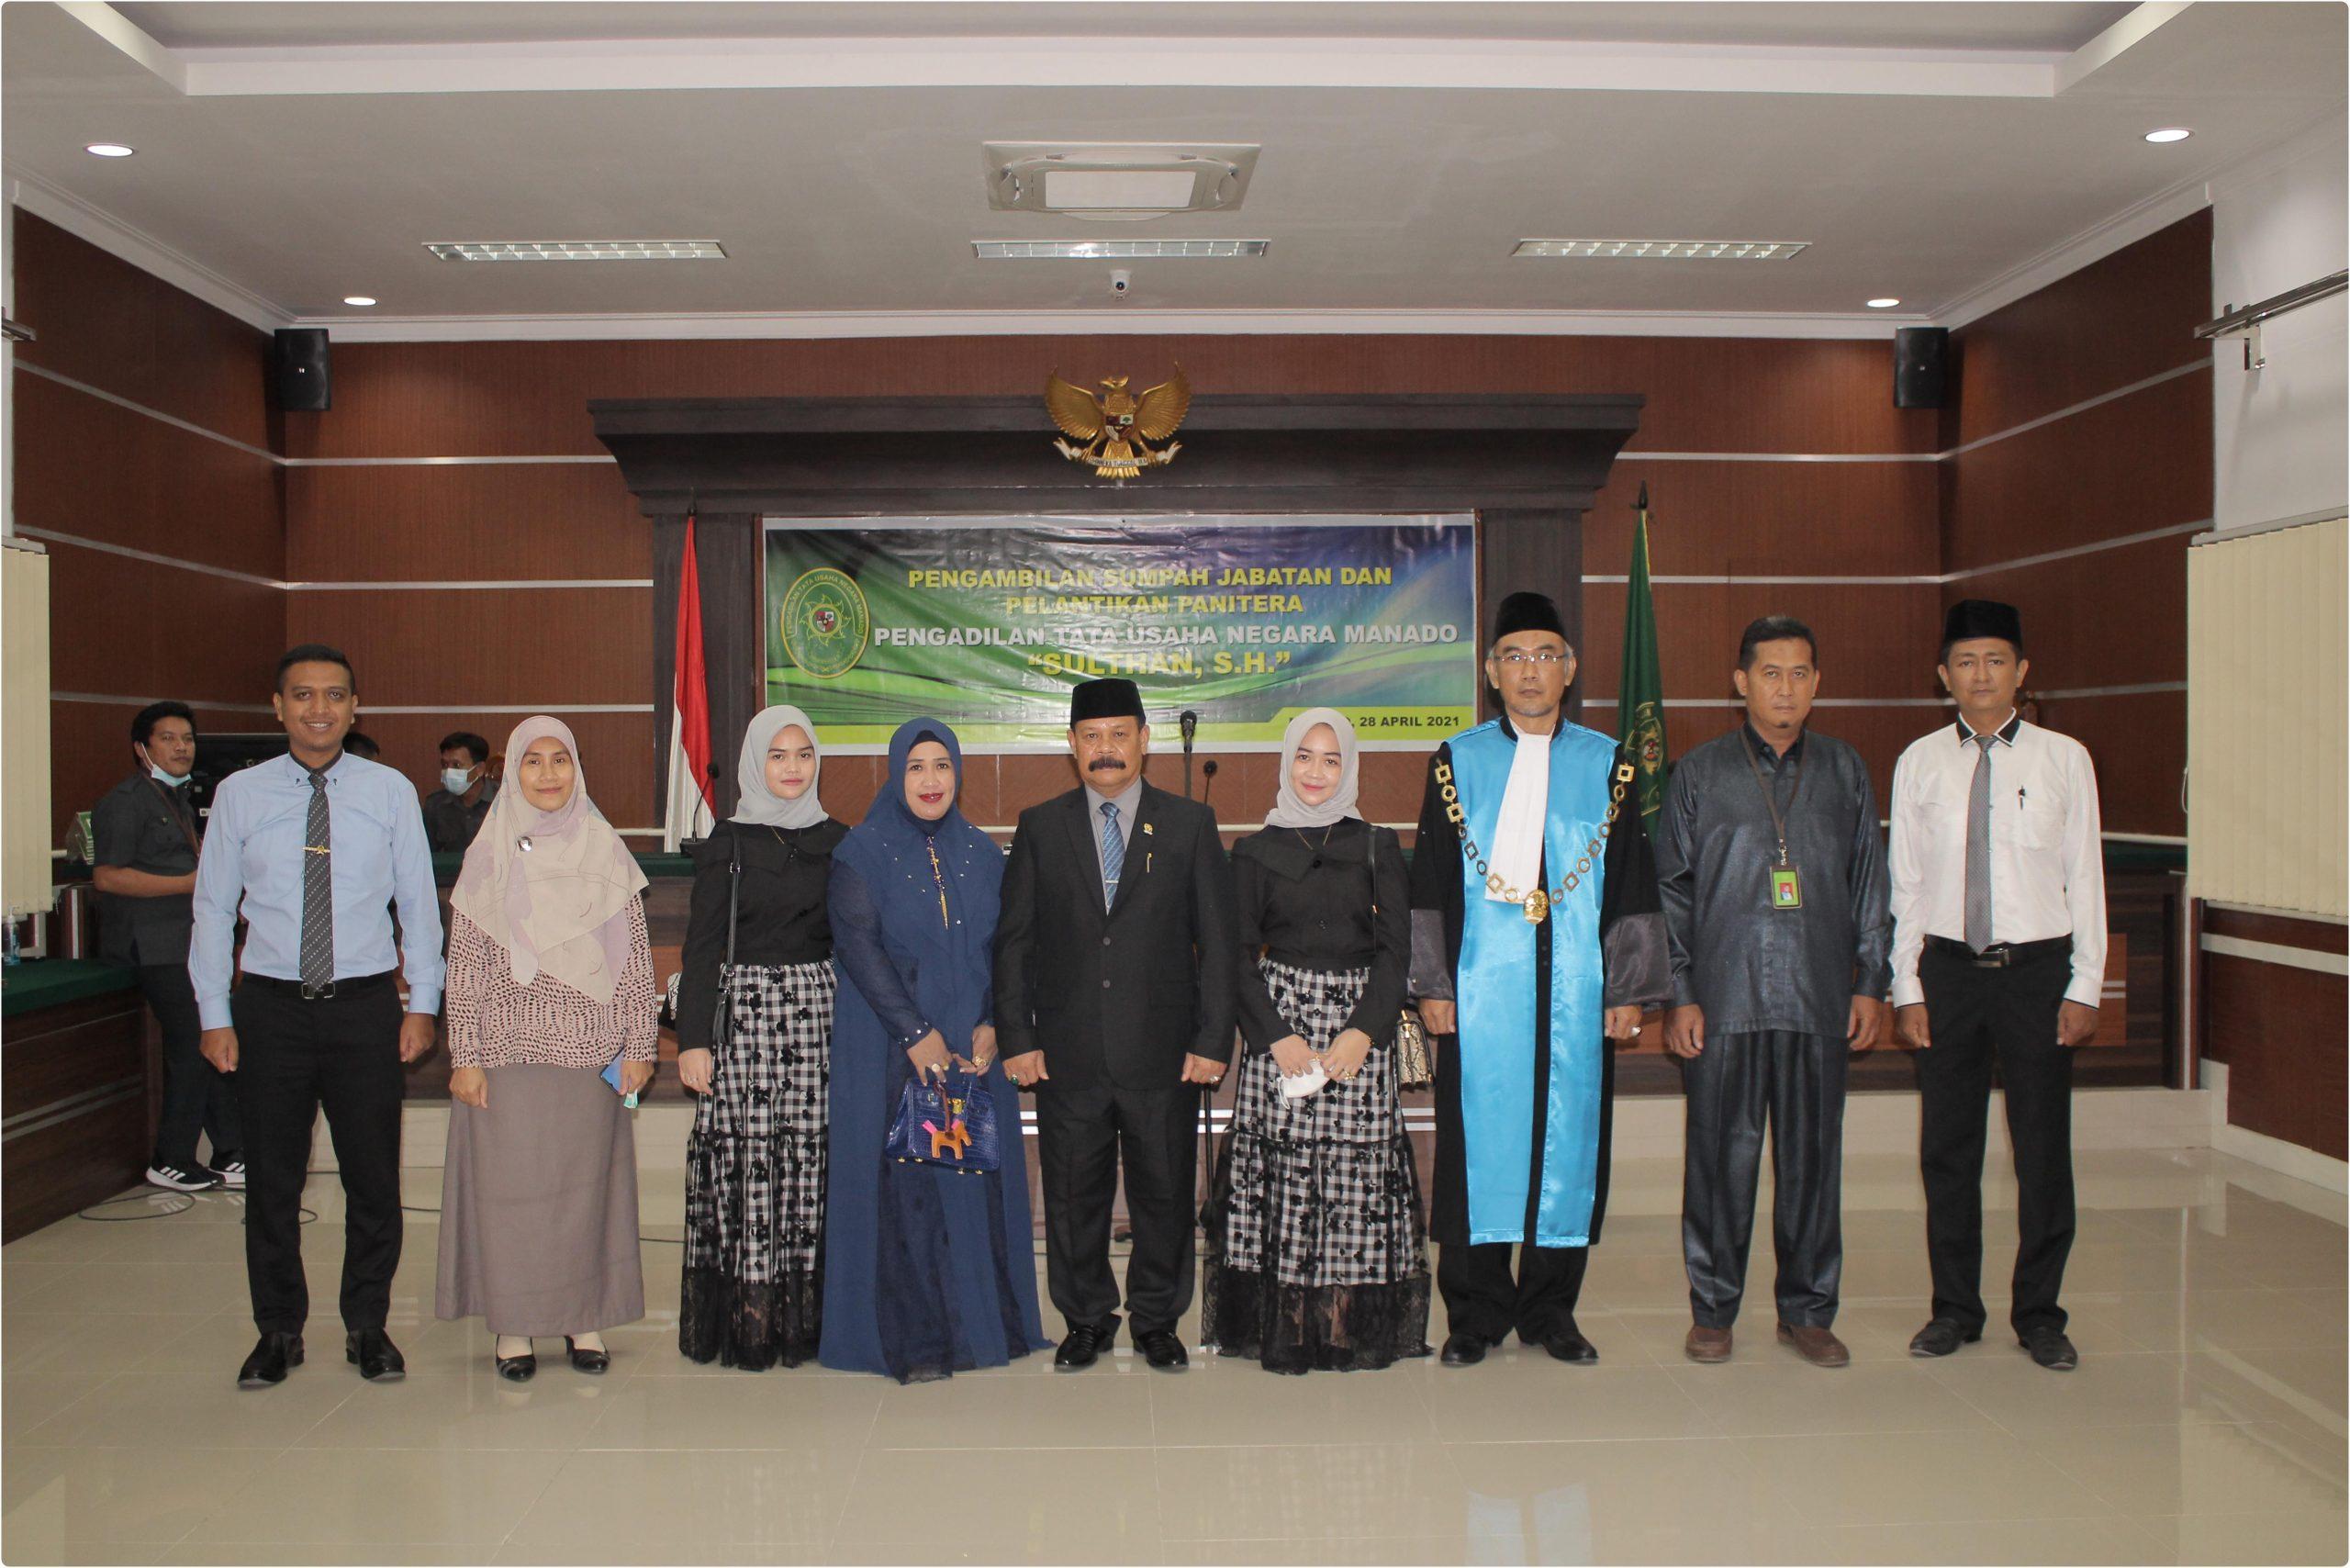 Pengambilan Sumpah Jabatan dan Pelantikan Panitera Pengadilan Tata Usaha Negara Manado